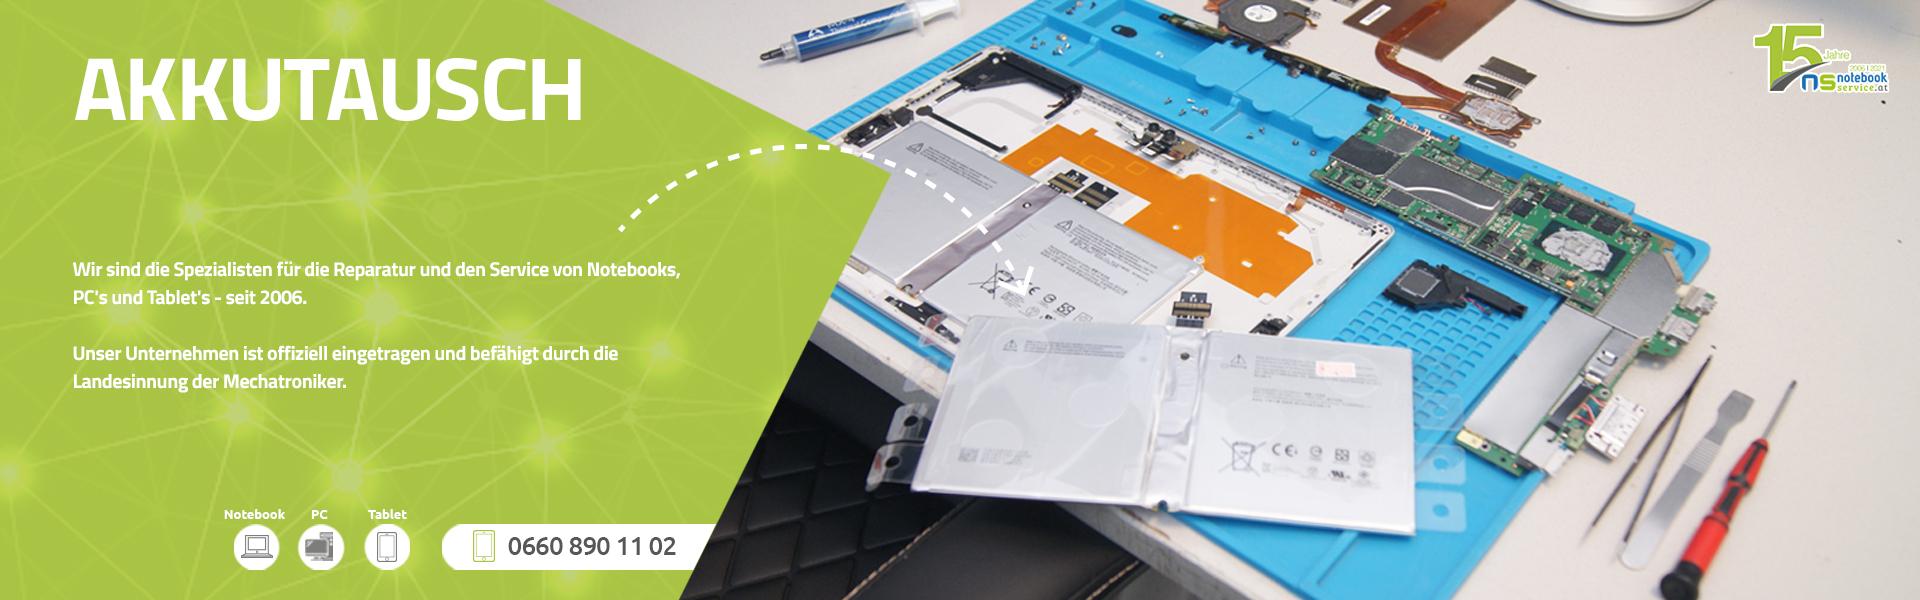 notebook-akkuservice-tausch